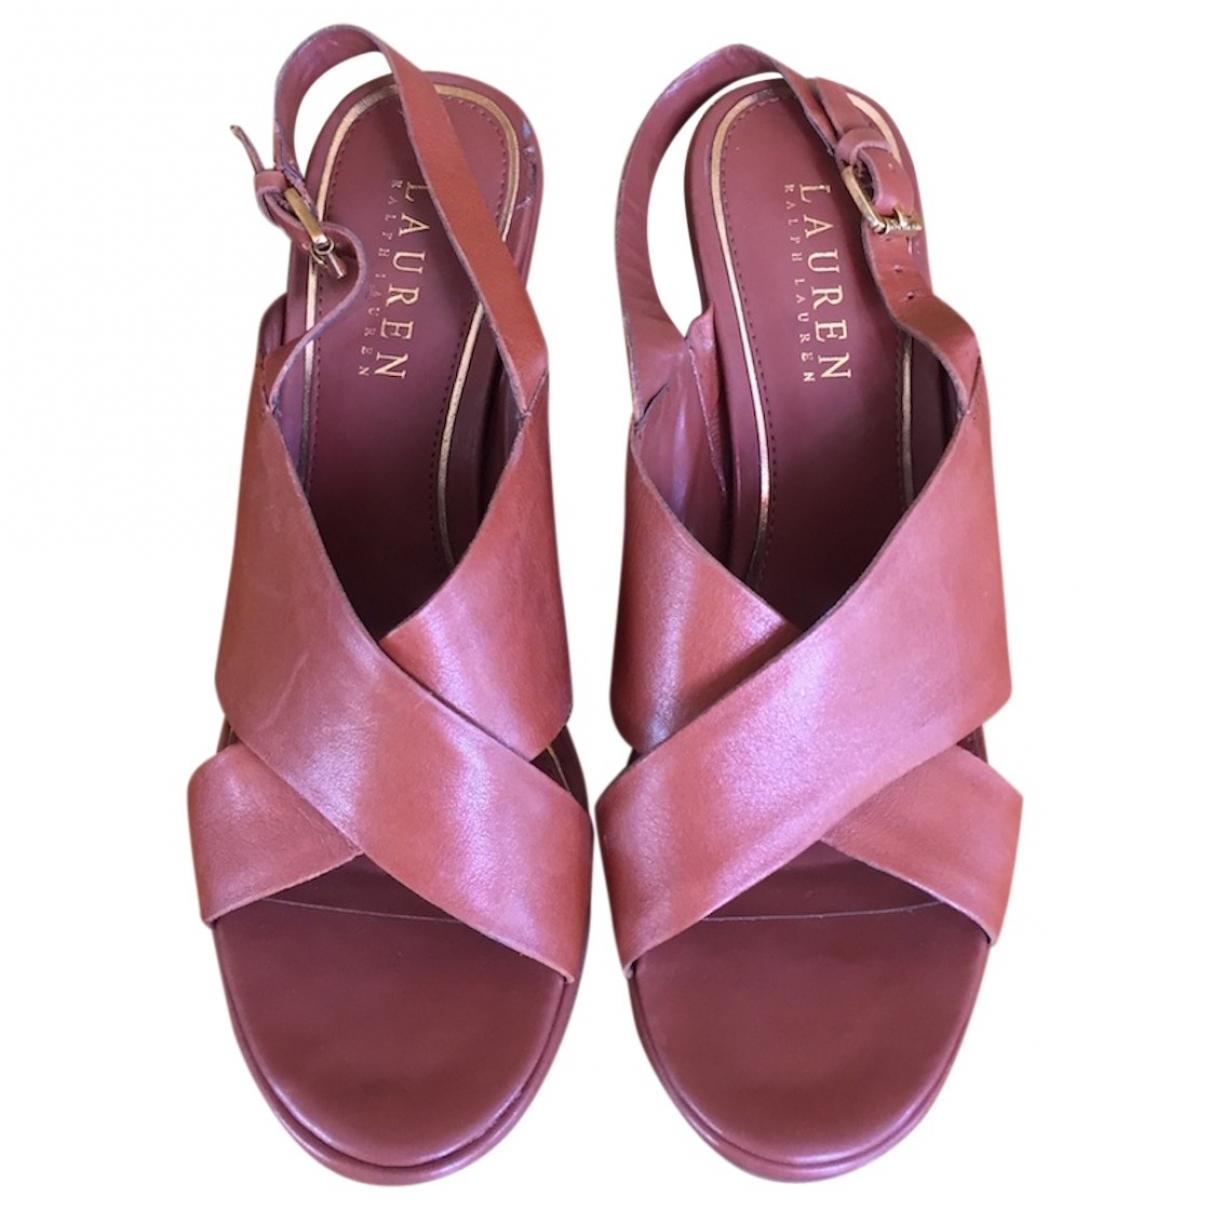 Polo Ralph Lauren - Sandales   pour femme en cuir - marron